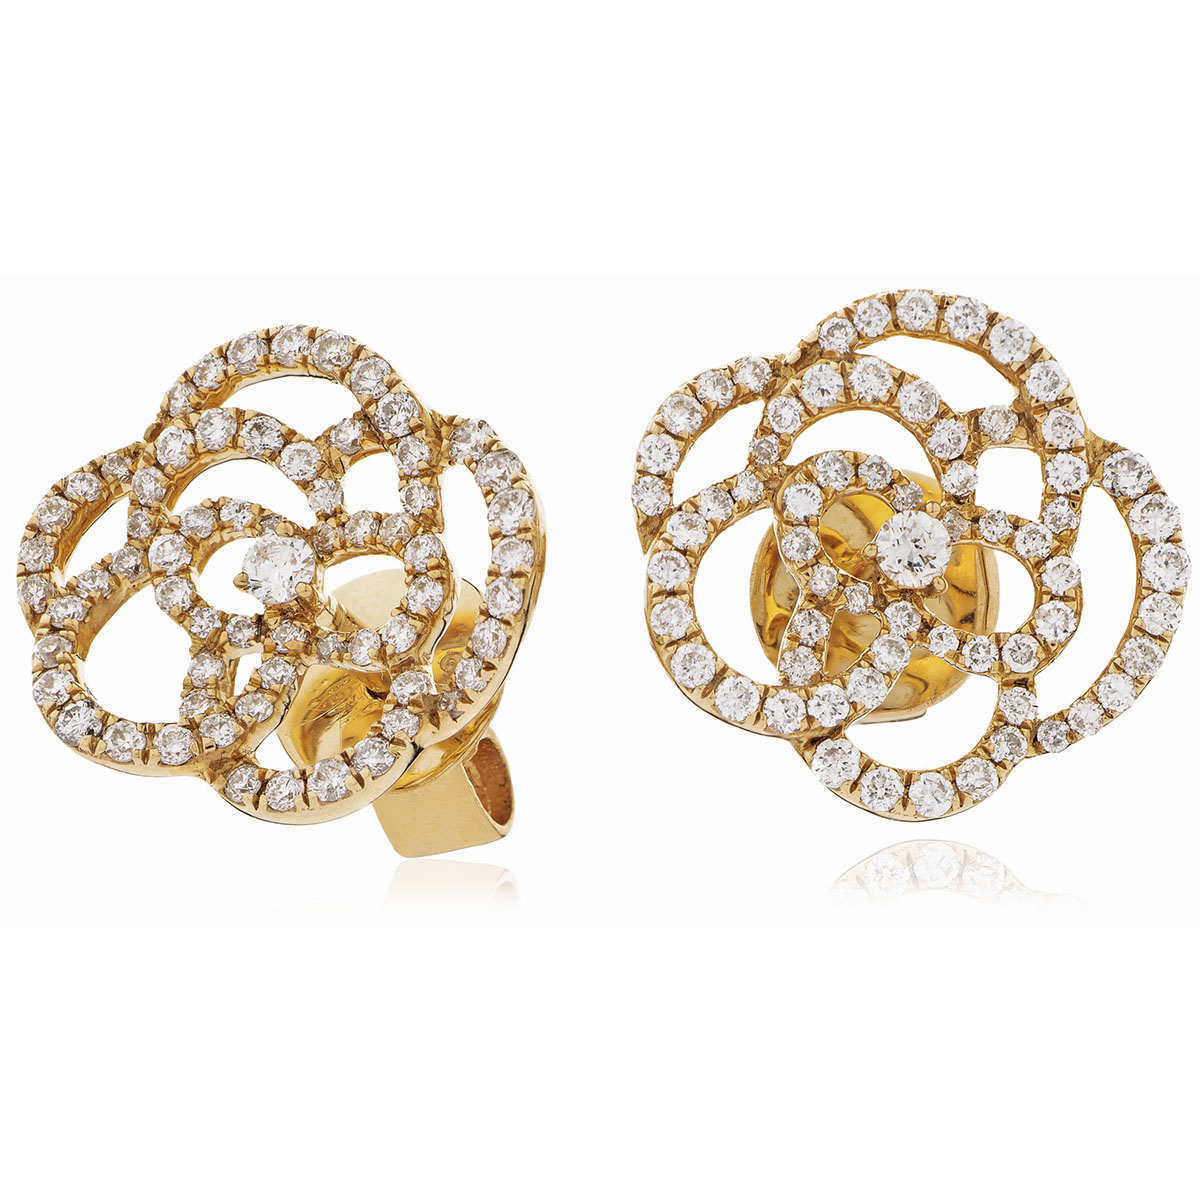 Open Rose Shape Diamond Earrings Studs